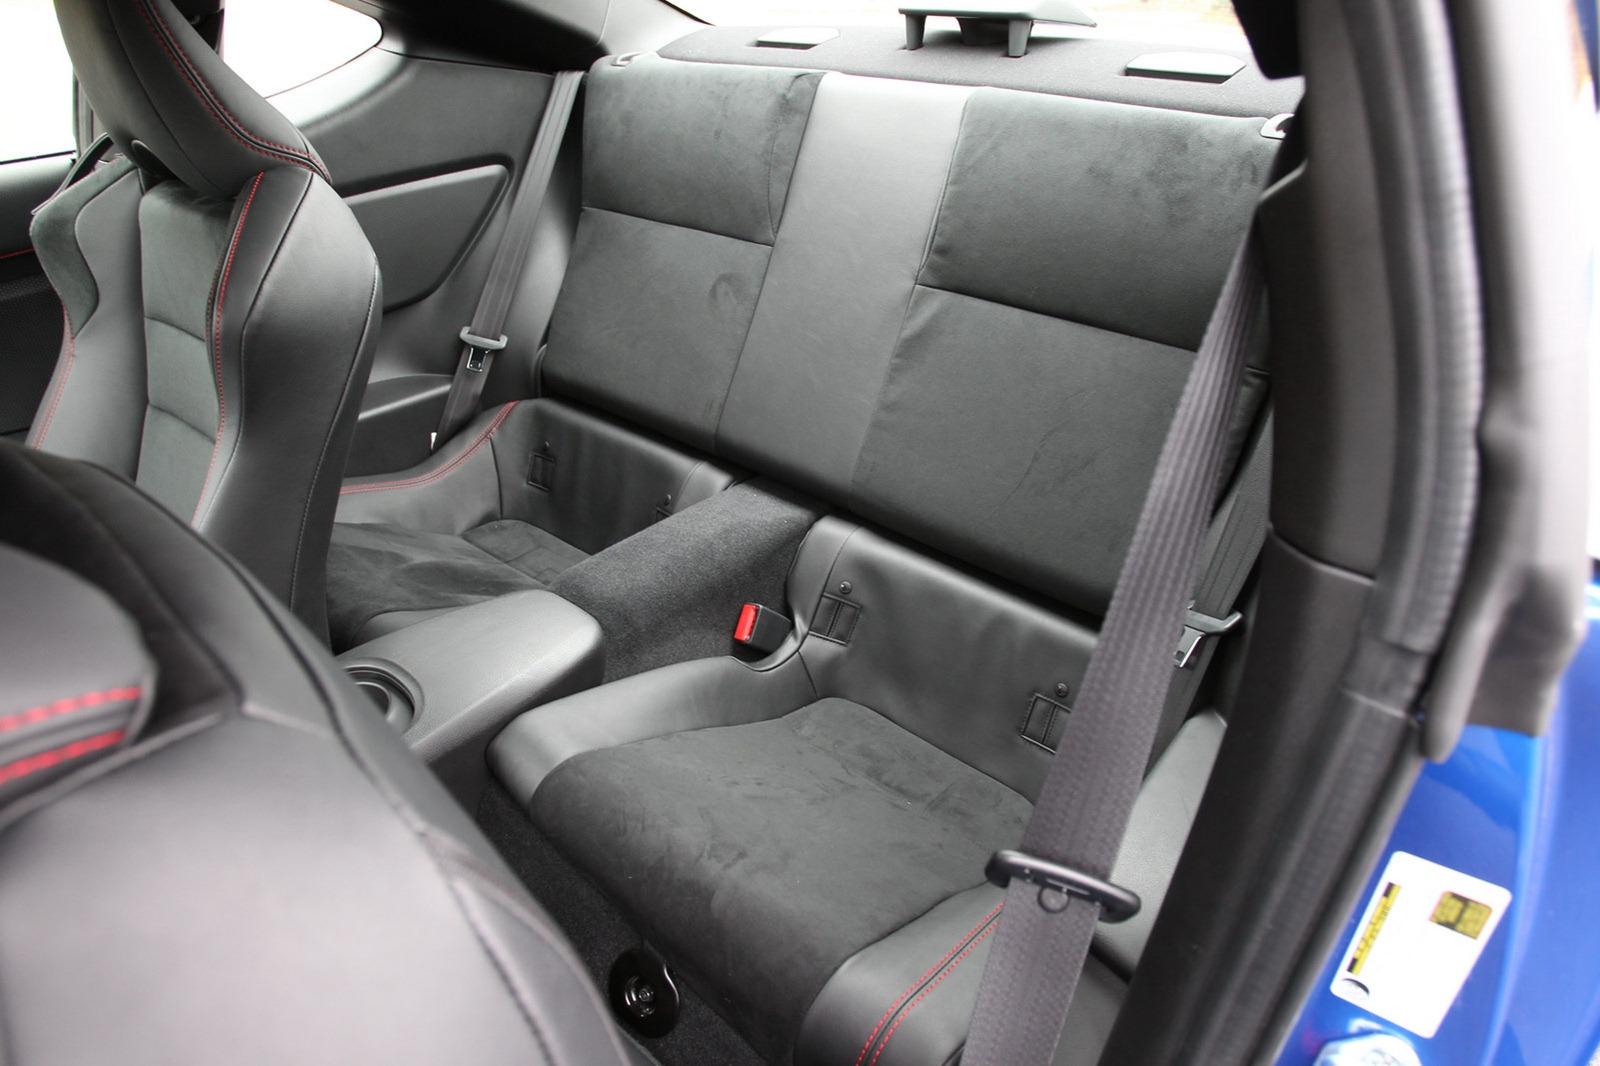 2013-Subaru-BRZ-Coupe-Interior-5.jpg?imgmax=1800